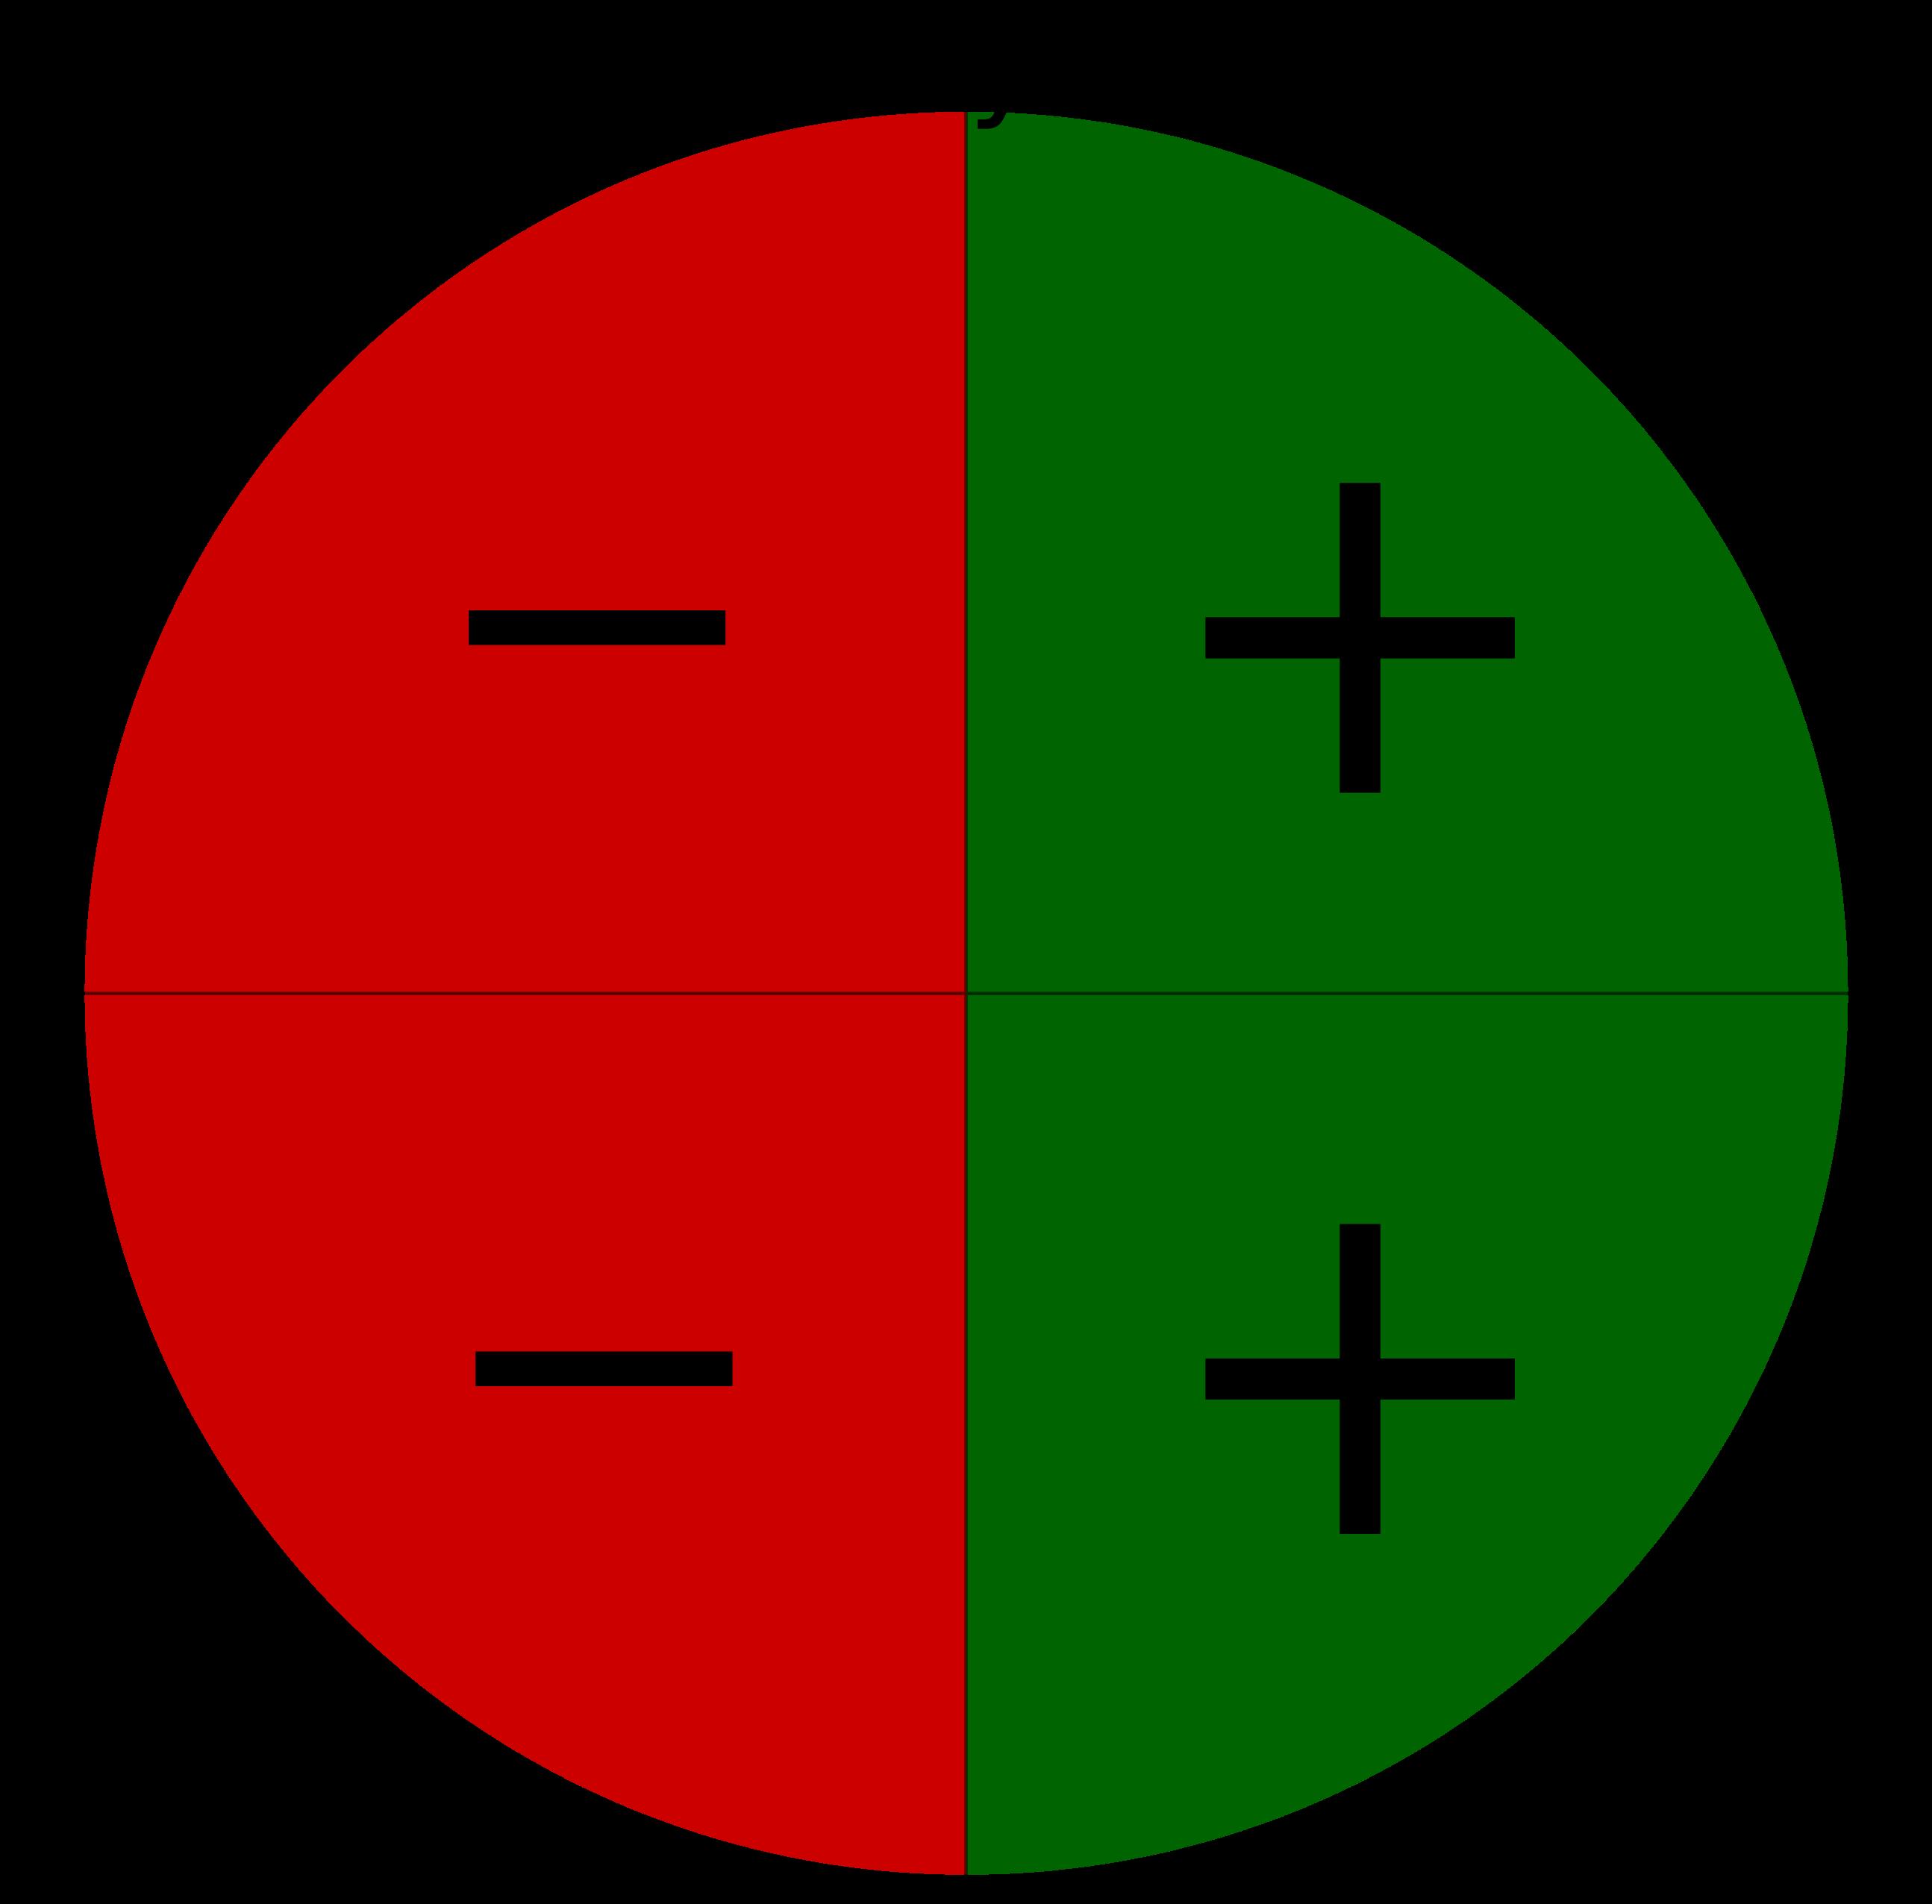 Trigonometrie am Einheitskreis - Lernen mit Serlo! » Serlo.org